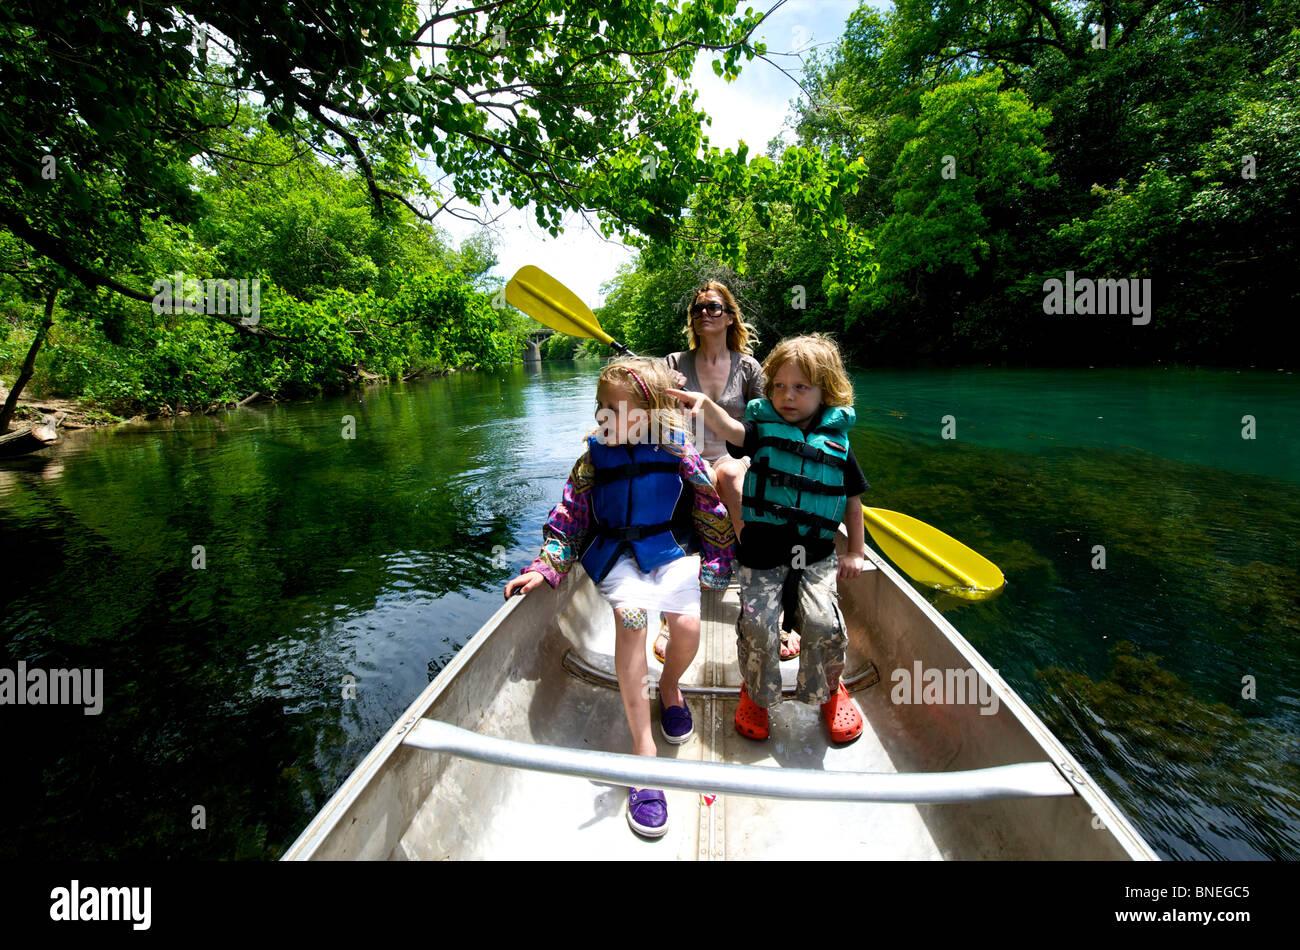 Famille a louer des canoë sur le fleuve Colorado à Austin, Texas, USA Parc Zilkar Banque D'Images